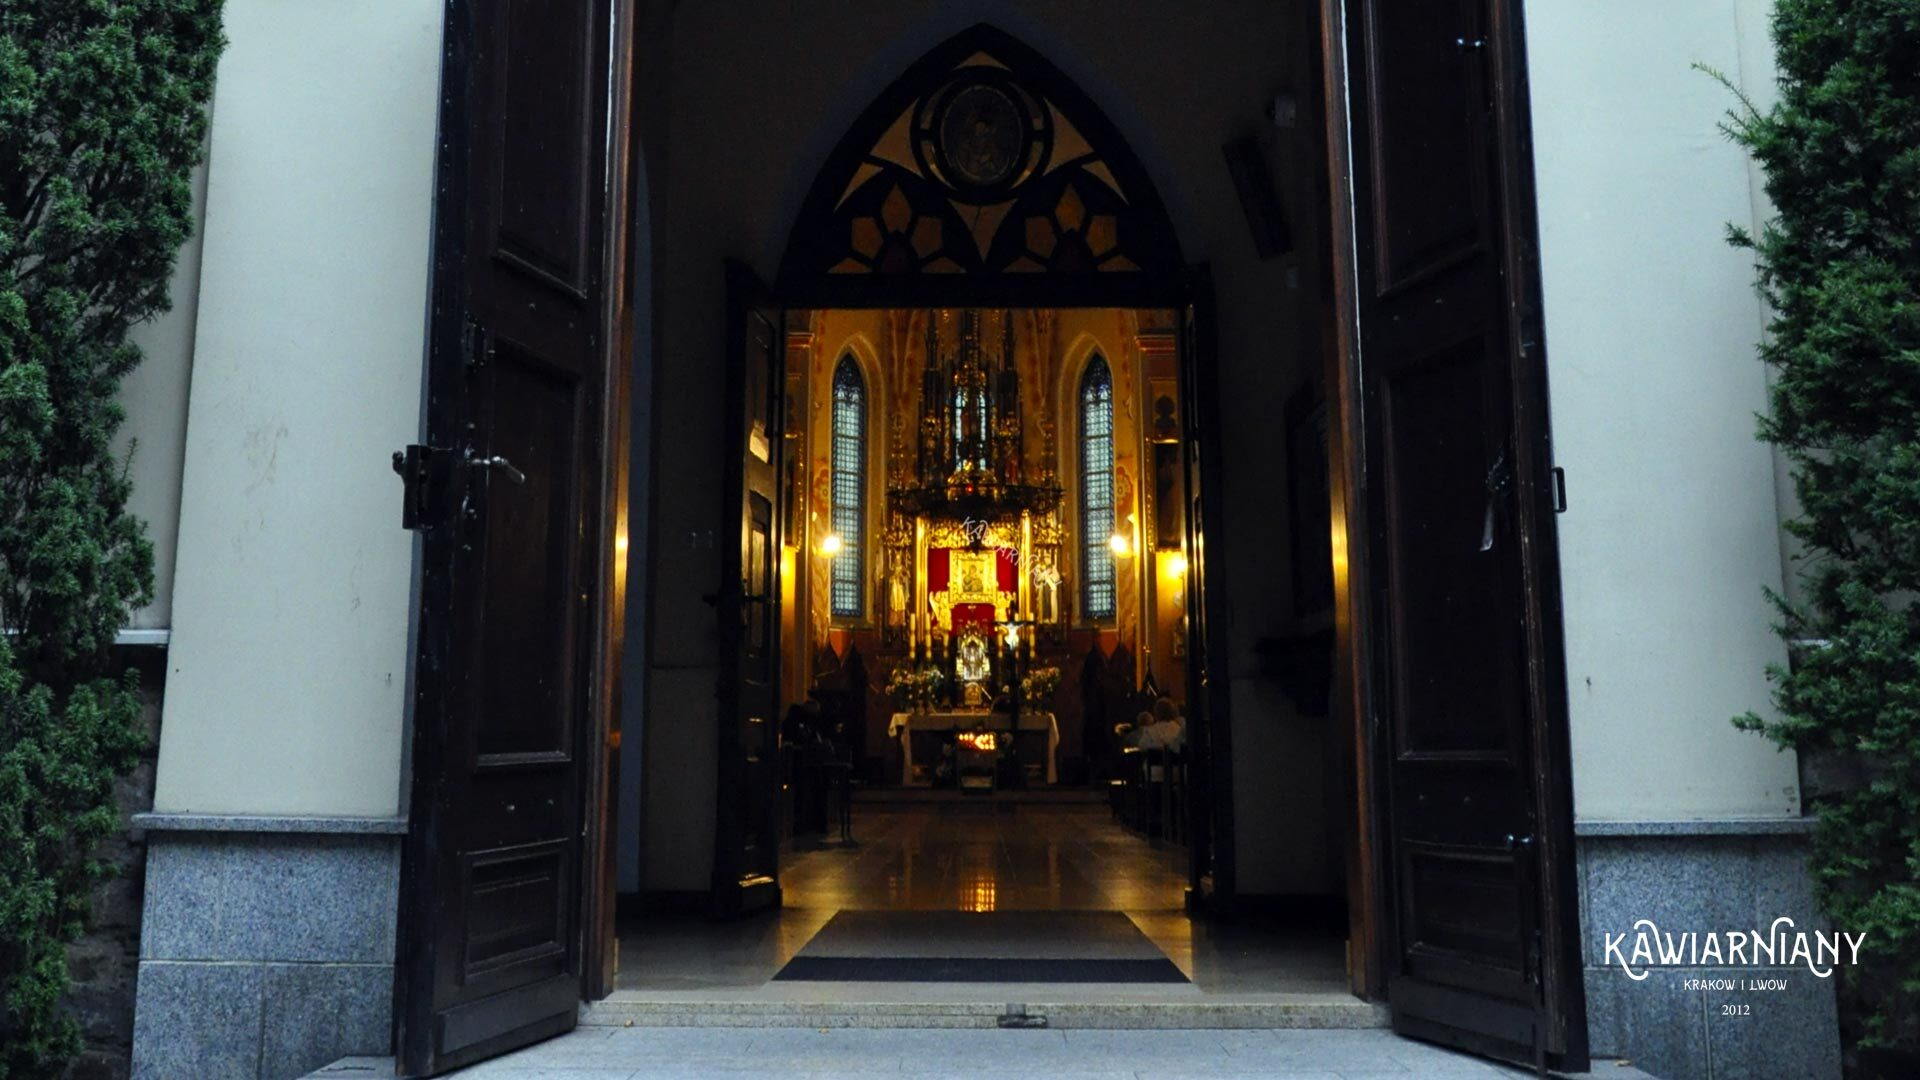 Msze w kościele w Szczawnicy. Kiedy są msze w Szczawnicy?